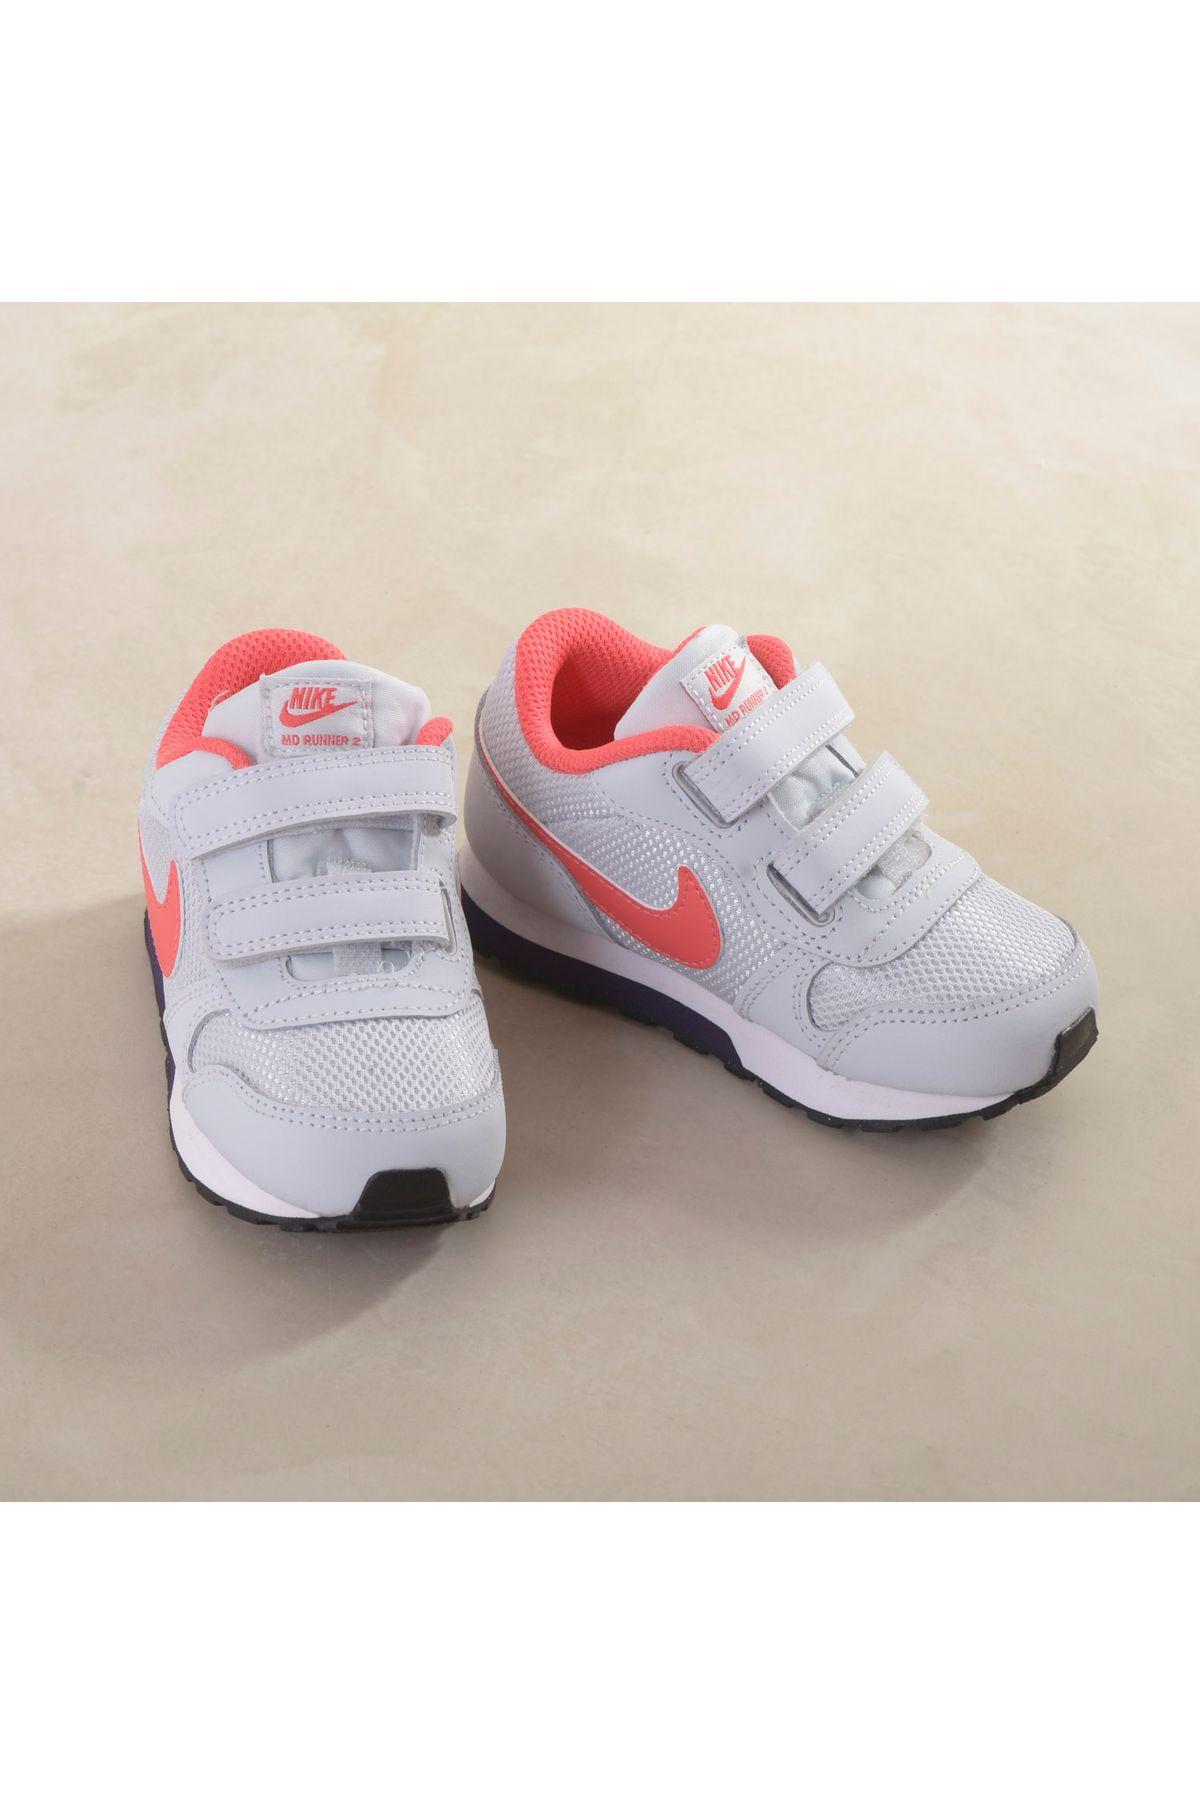 622e0daf30d Tênis Infantil Nike Md Runner 2